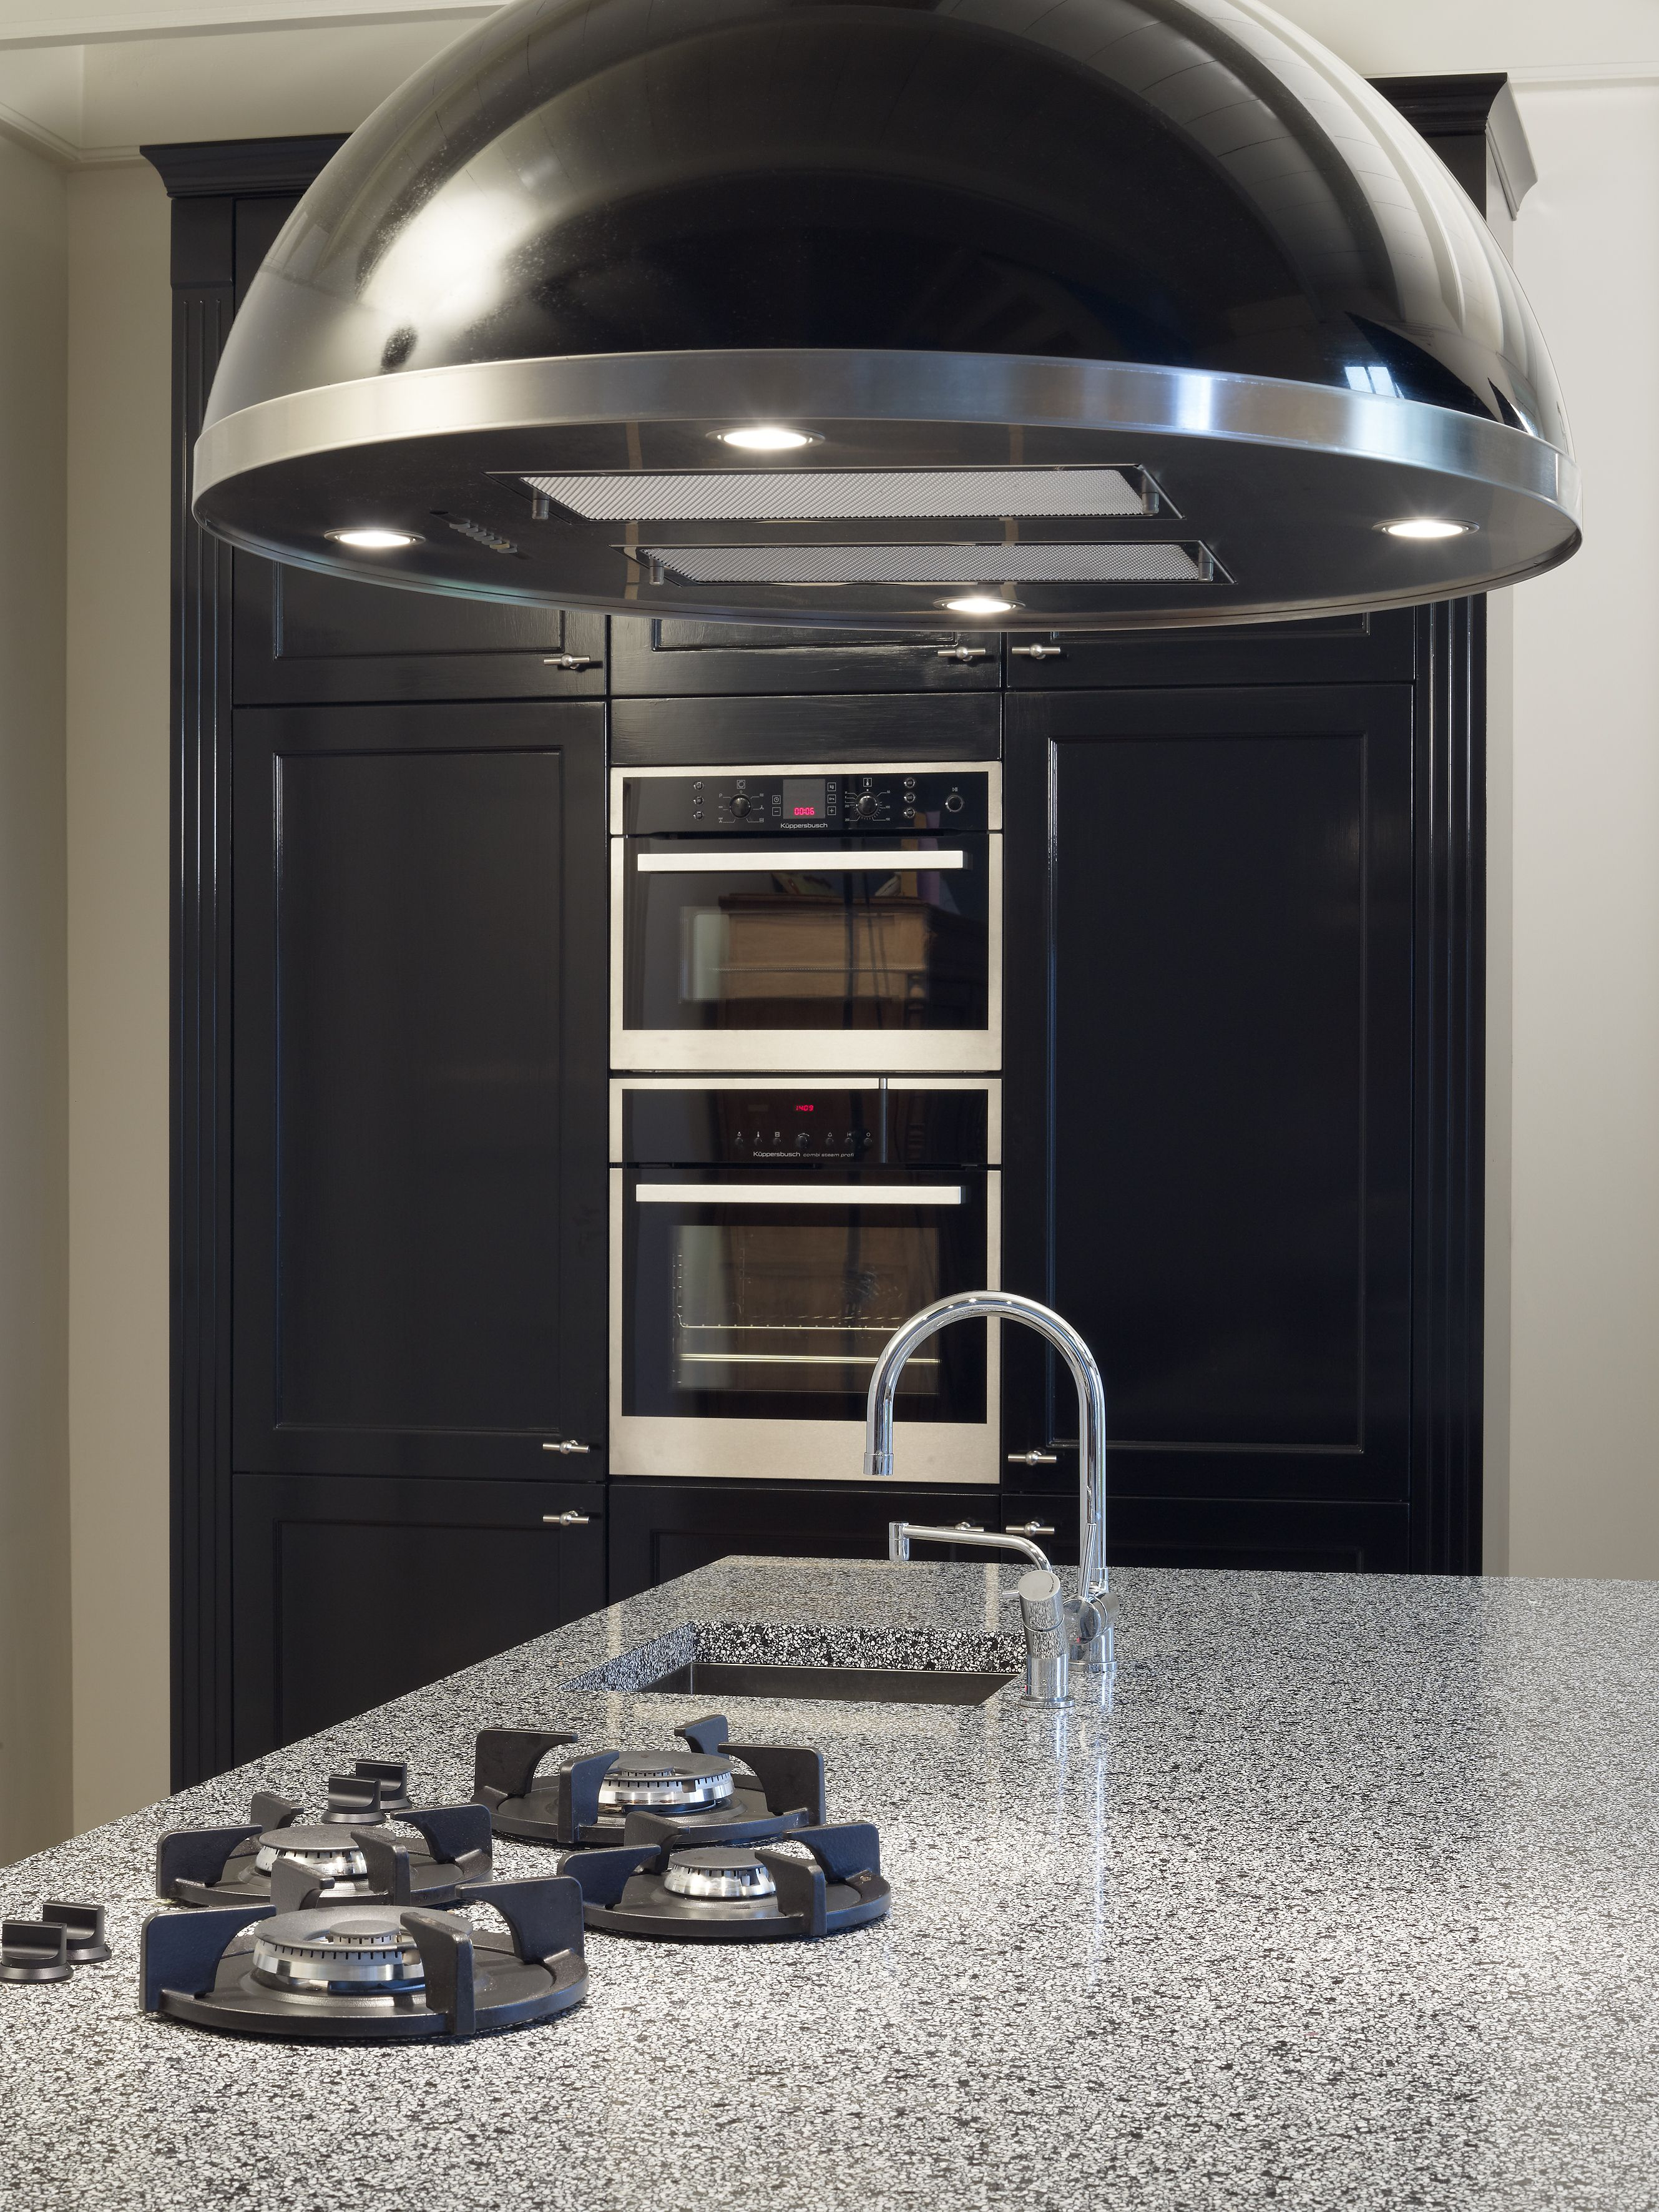 Landelijke keuken met een moderne uitstraling   Pittcooking   Design afzuigkap.  Ga voor keukeninspiratie naar: http://www.keukenstudiostoof.nl/keukens/inspiratie/